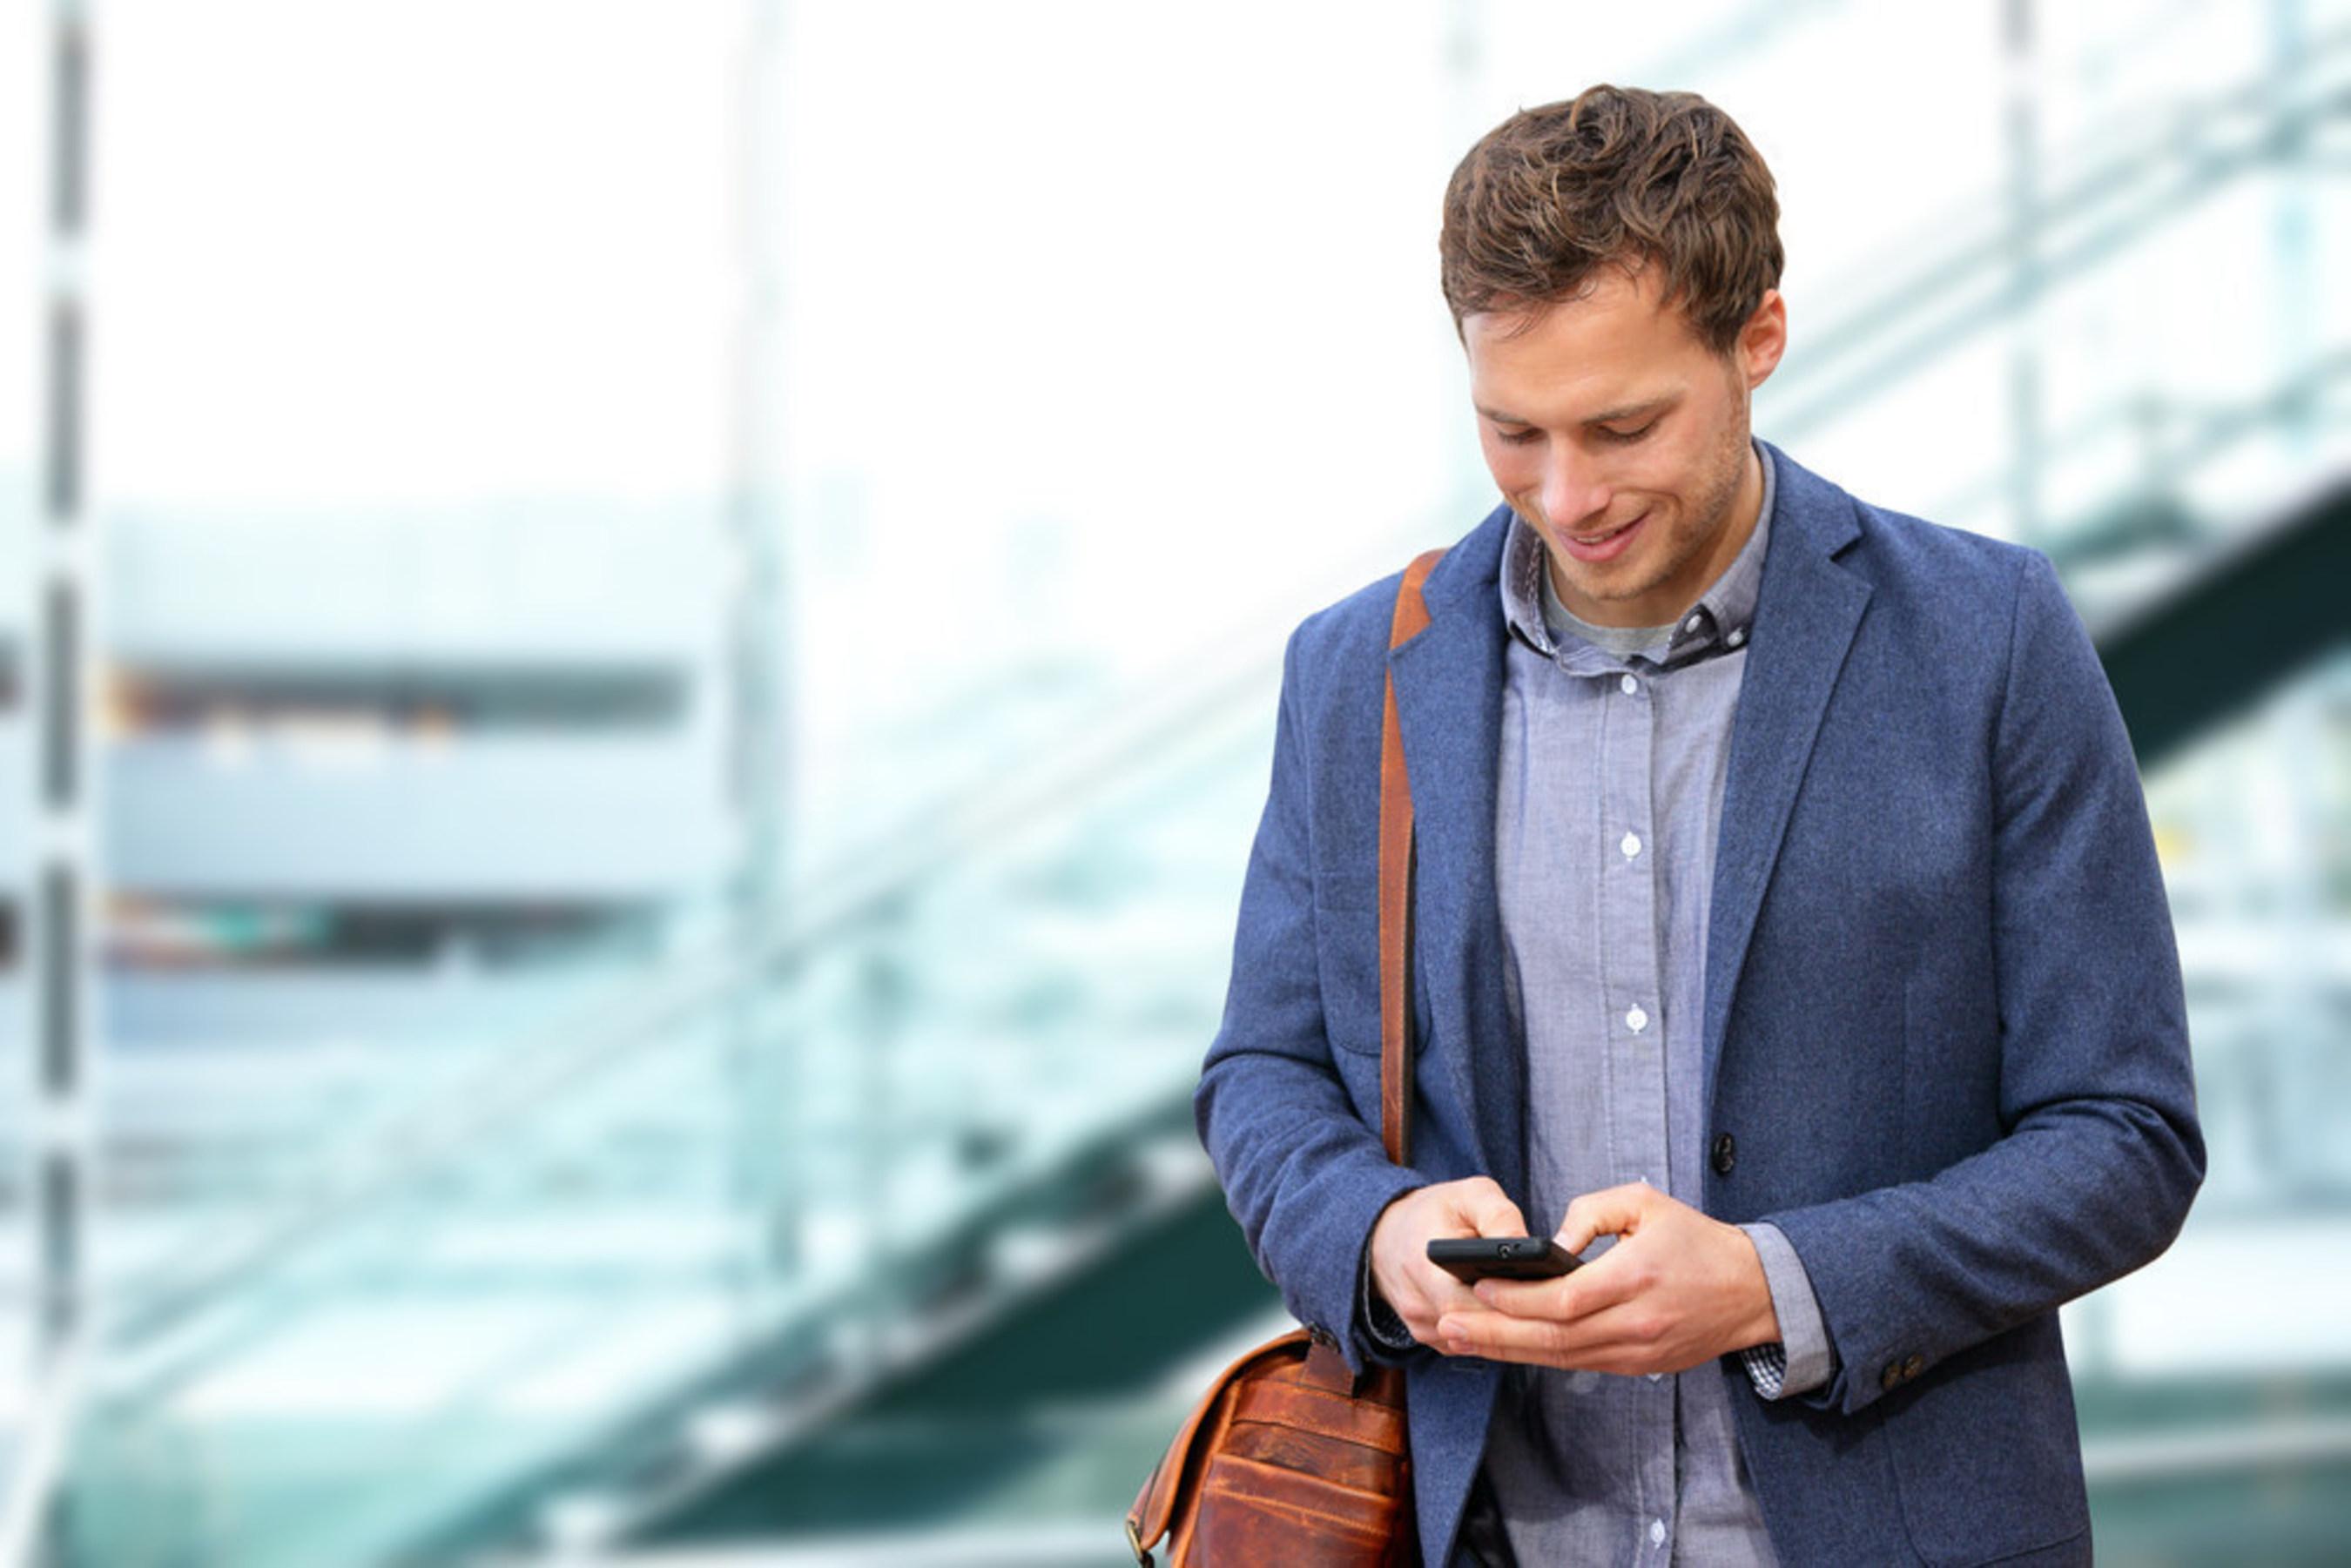 Fare Buzz Announces Mobile Site Updates, UX Improvements